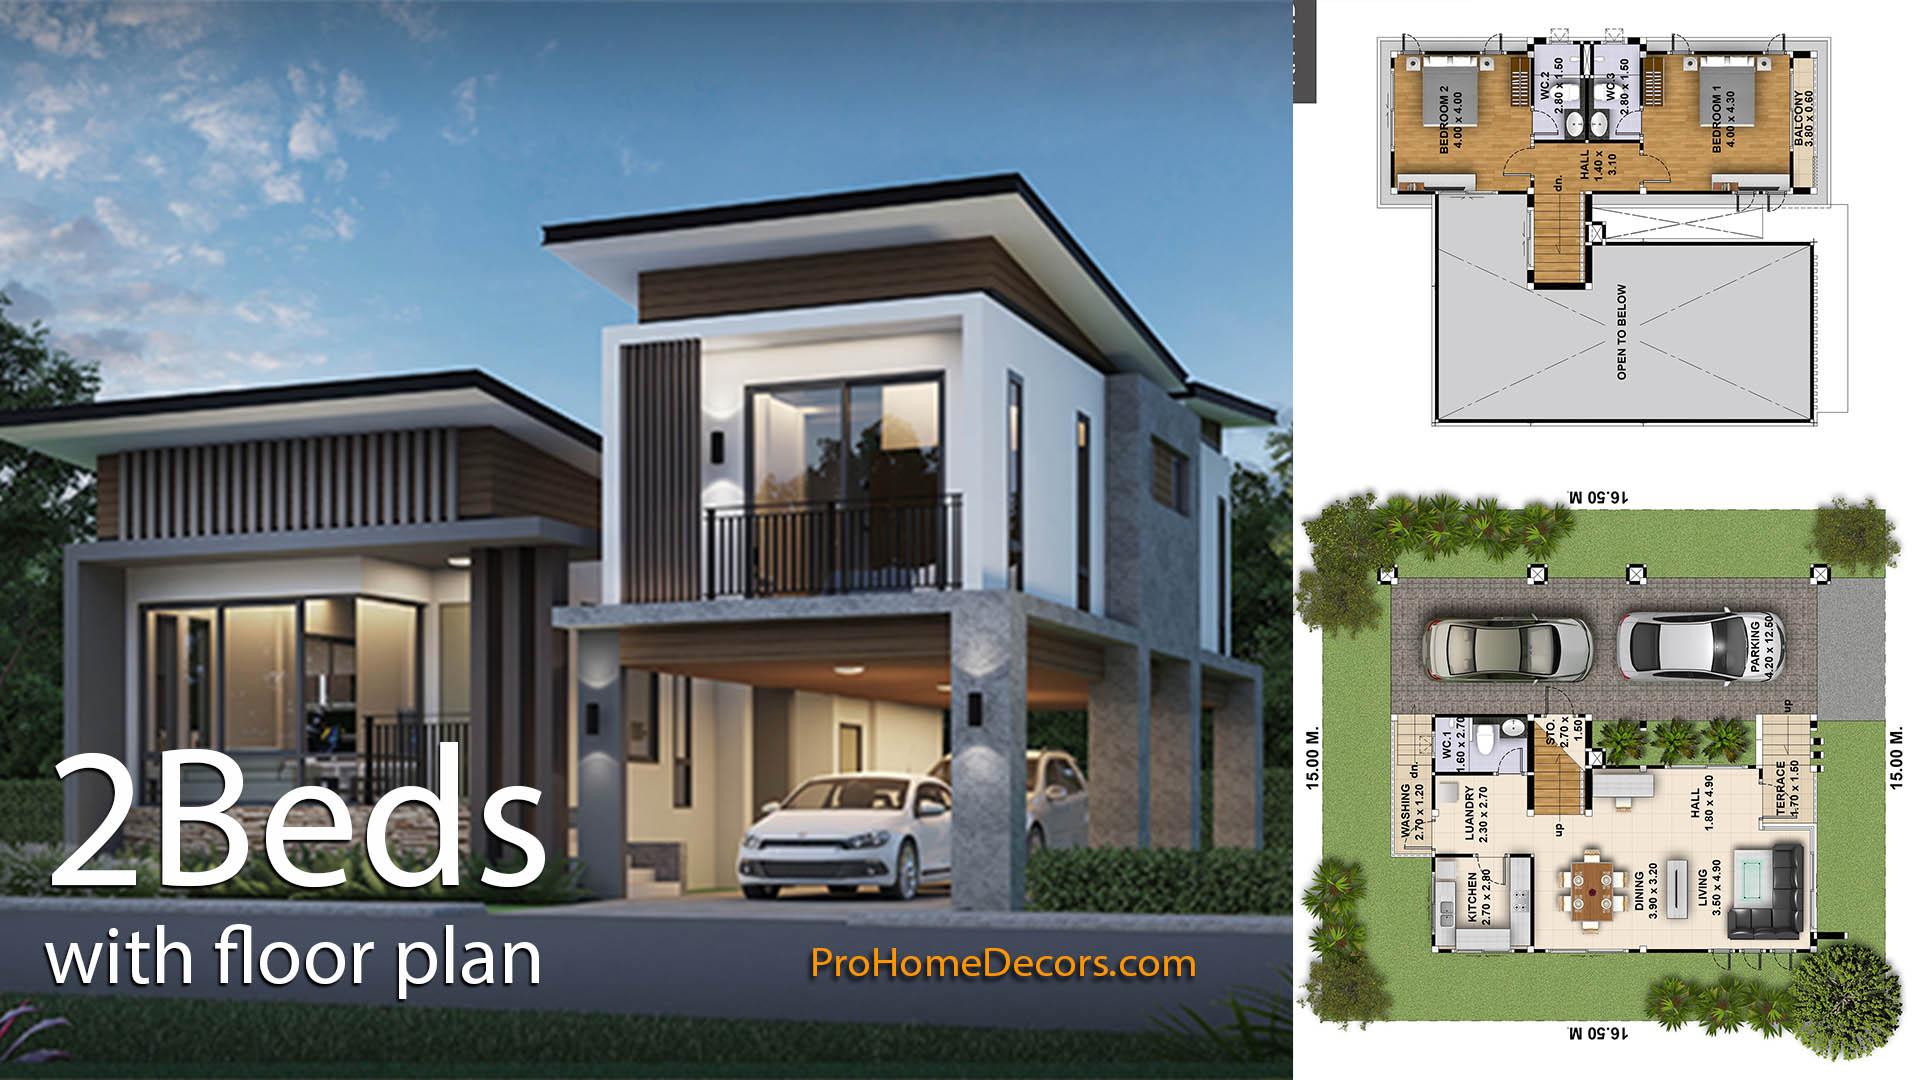 2 Bedrooms House Plot 15×16.5 Meter